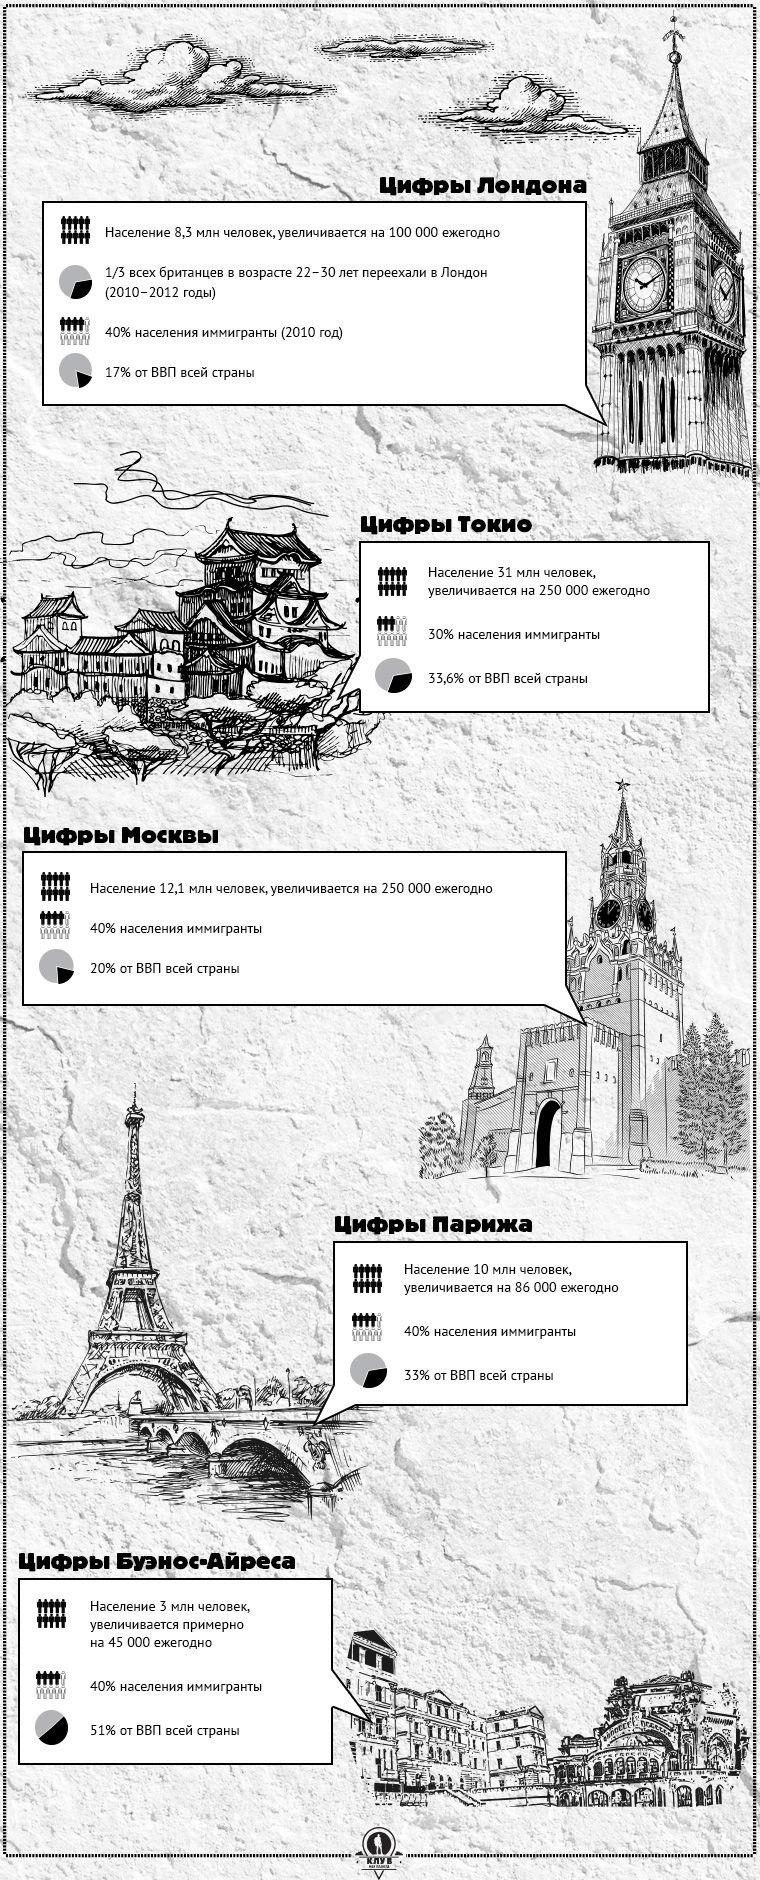 Цифры Лондона  Население 8,3 млн человек, увеличивается на 100 000 ежегодно  1/3 всех британцев в возрасте 22–30 лет переехали в Лондон (2010–2012 годы)  40% населения иммигранты (2010 год)  17% от ВВП всей страны  Цифры Токио  Население 31 млн человек, увеличивается на 250 000 ежегодно  30% населения иммигранты  33,6% от ВВП всей страны  Цифры Москвы  Население 12,1 млн человек, увеличивается на 250 000 ежегодно  40% населения иммигранты  20% от ВВП всей страны  Цифры Парижа  Население 10 млн человек, увеличивается на 86 000 ежегодно  40% населения иммигранты  33% от ВВП всей страны  Цифры Буэнос-Айреса  Население 3 млн человек, увеличивается примерно на 45 000 ежегодно  40% населения иммигранты  51% от ВВП всей страны